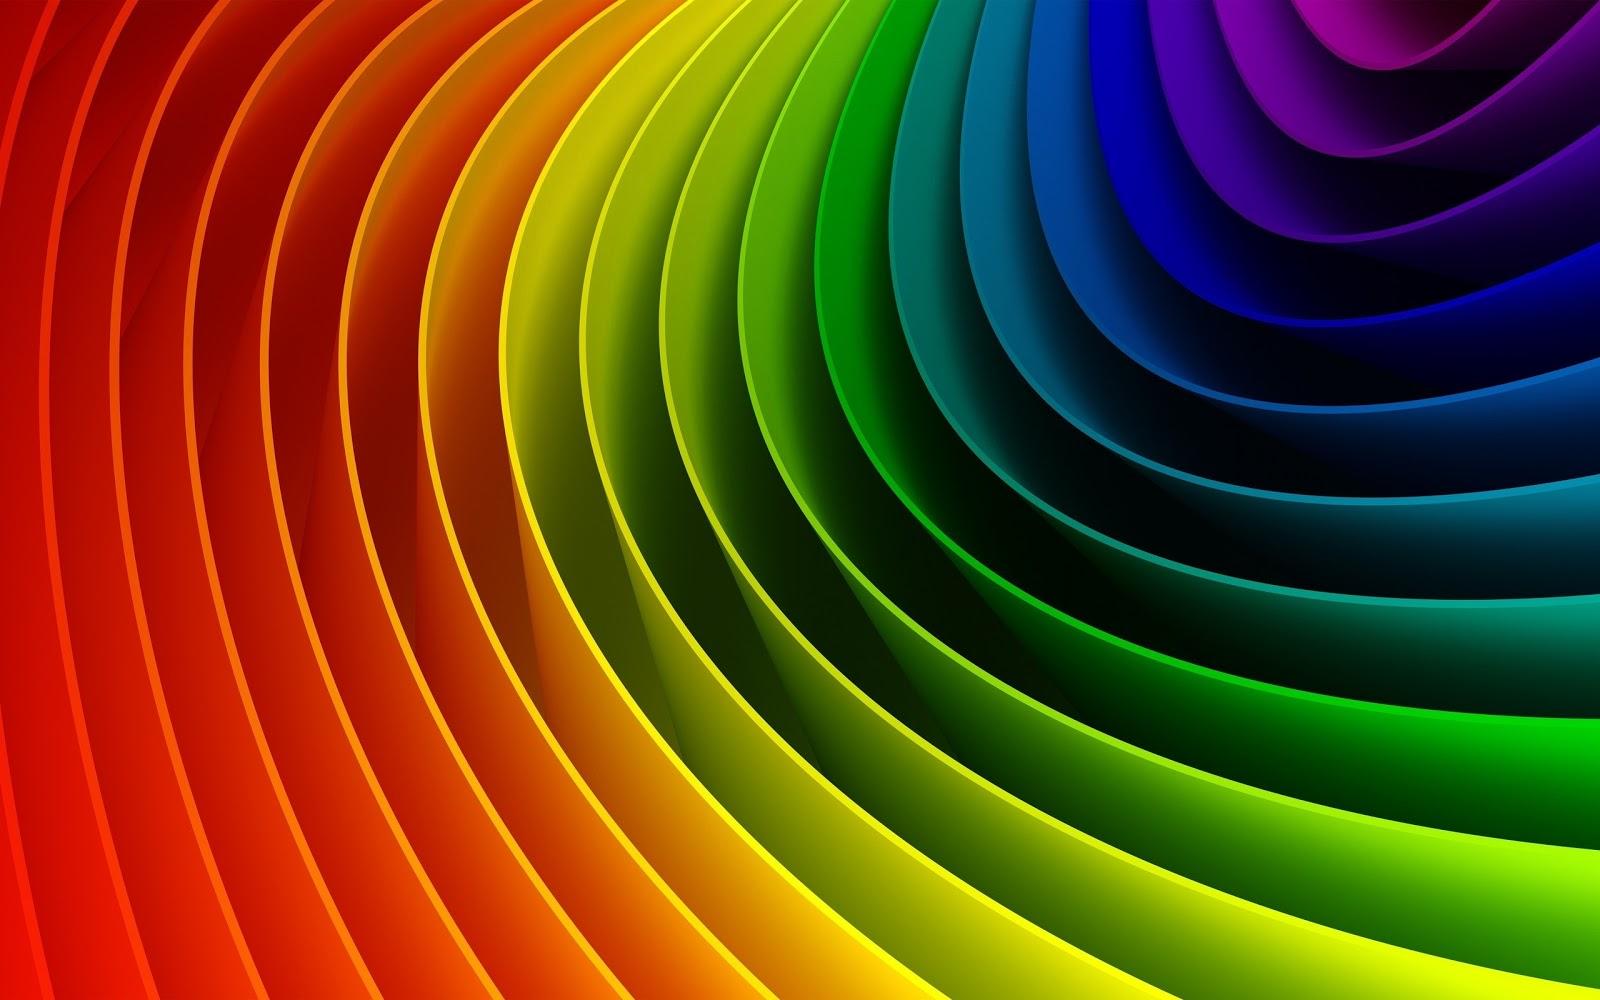 Fondos Abstractos De Colores: Wallpapernarium: Abstractos